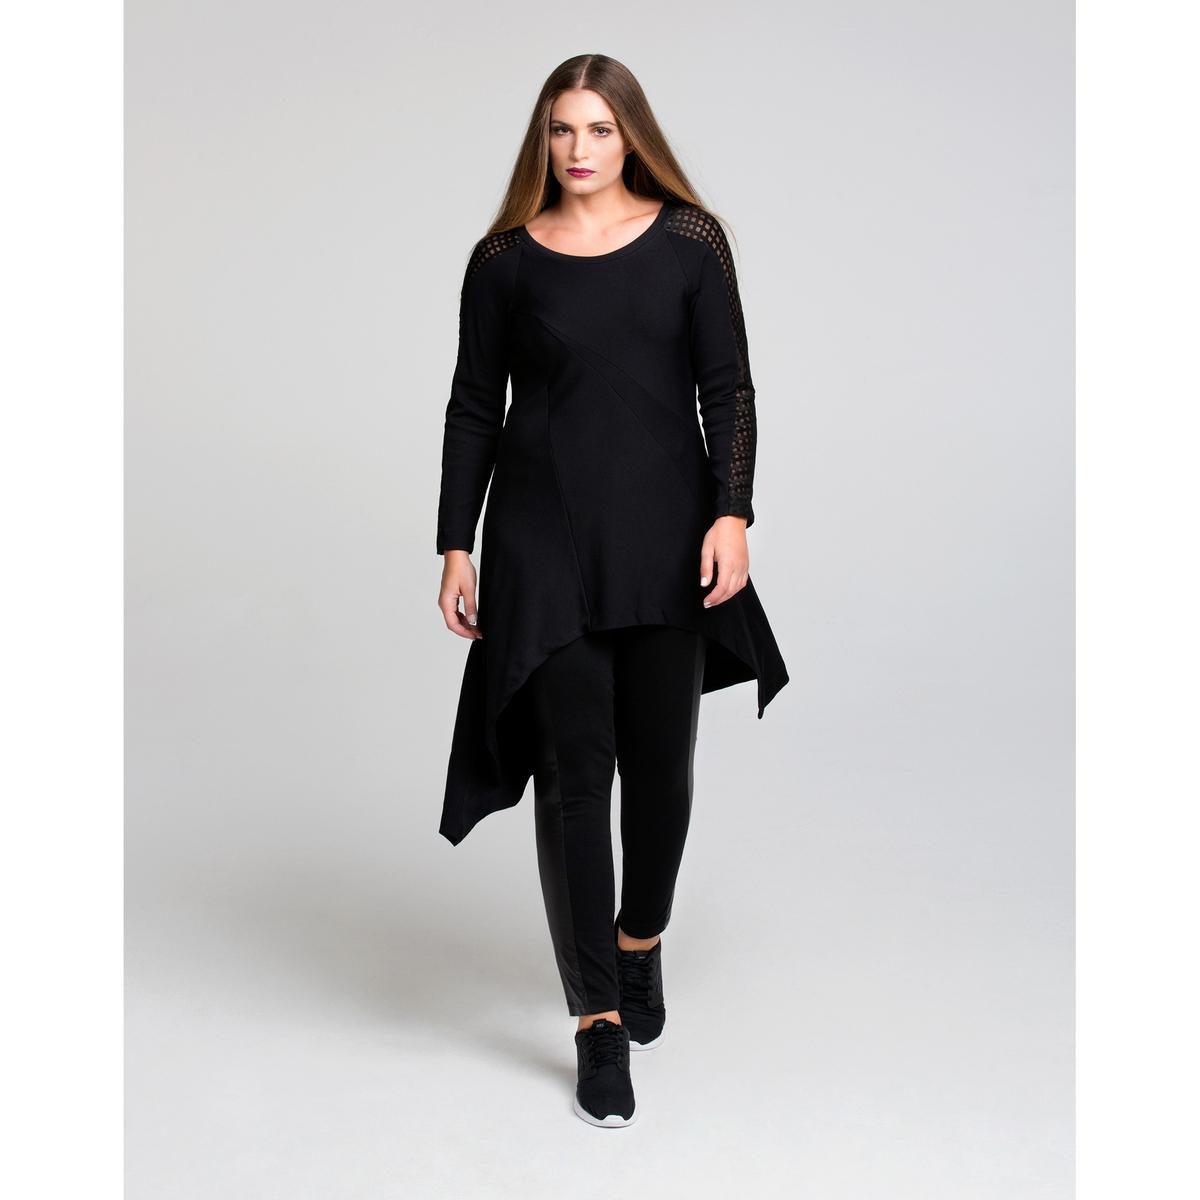 Платье асимметричноеПлатье асимметричное с длинными рукавами MAT FASHION. 97% полиэстера, 3% эластана. Асимметричный струящийся покрой, однотонные ткани из лоскутов, рукава и плечи в клетку из элегантной прозрачной ткани. Длинные рукава. Закругленный вырез.<br><br>Цвет: черный<br>Размер: 44/46 (FR) - 50/52 (RUS)